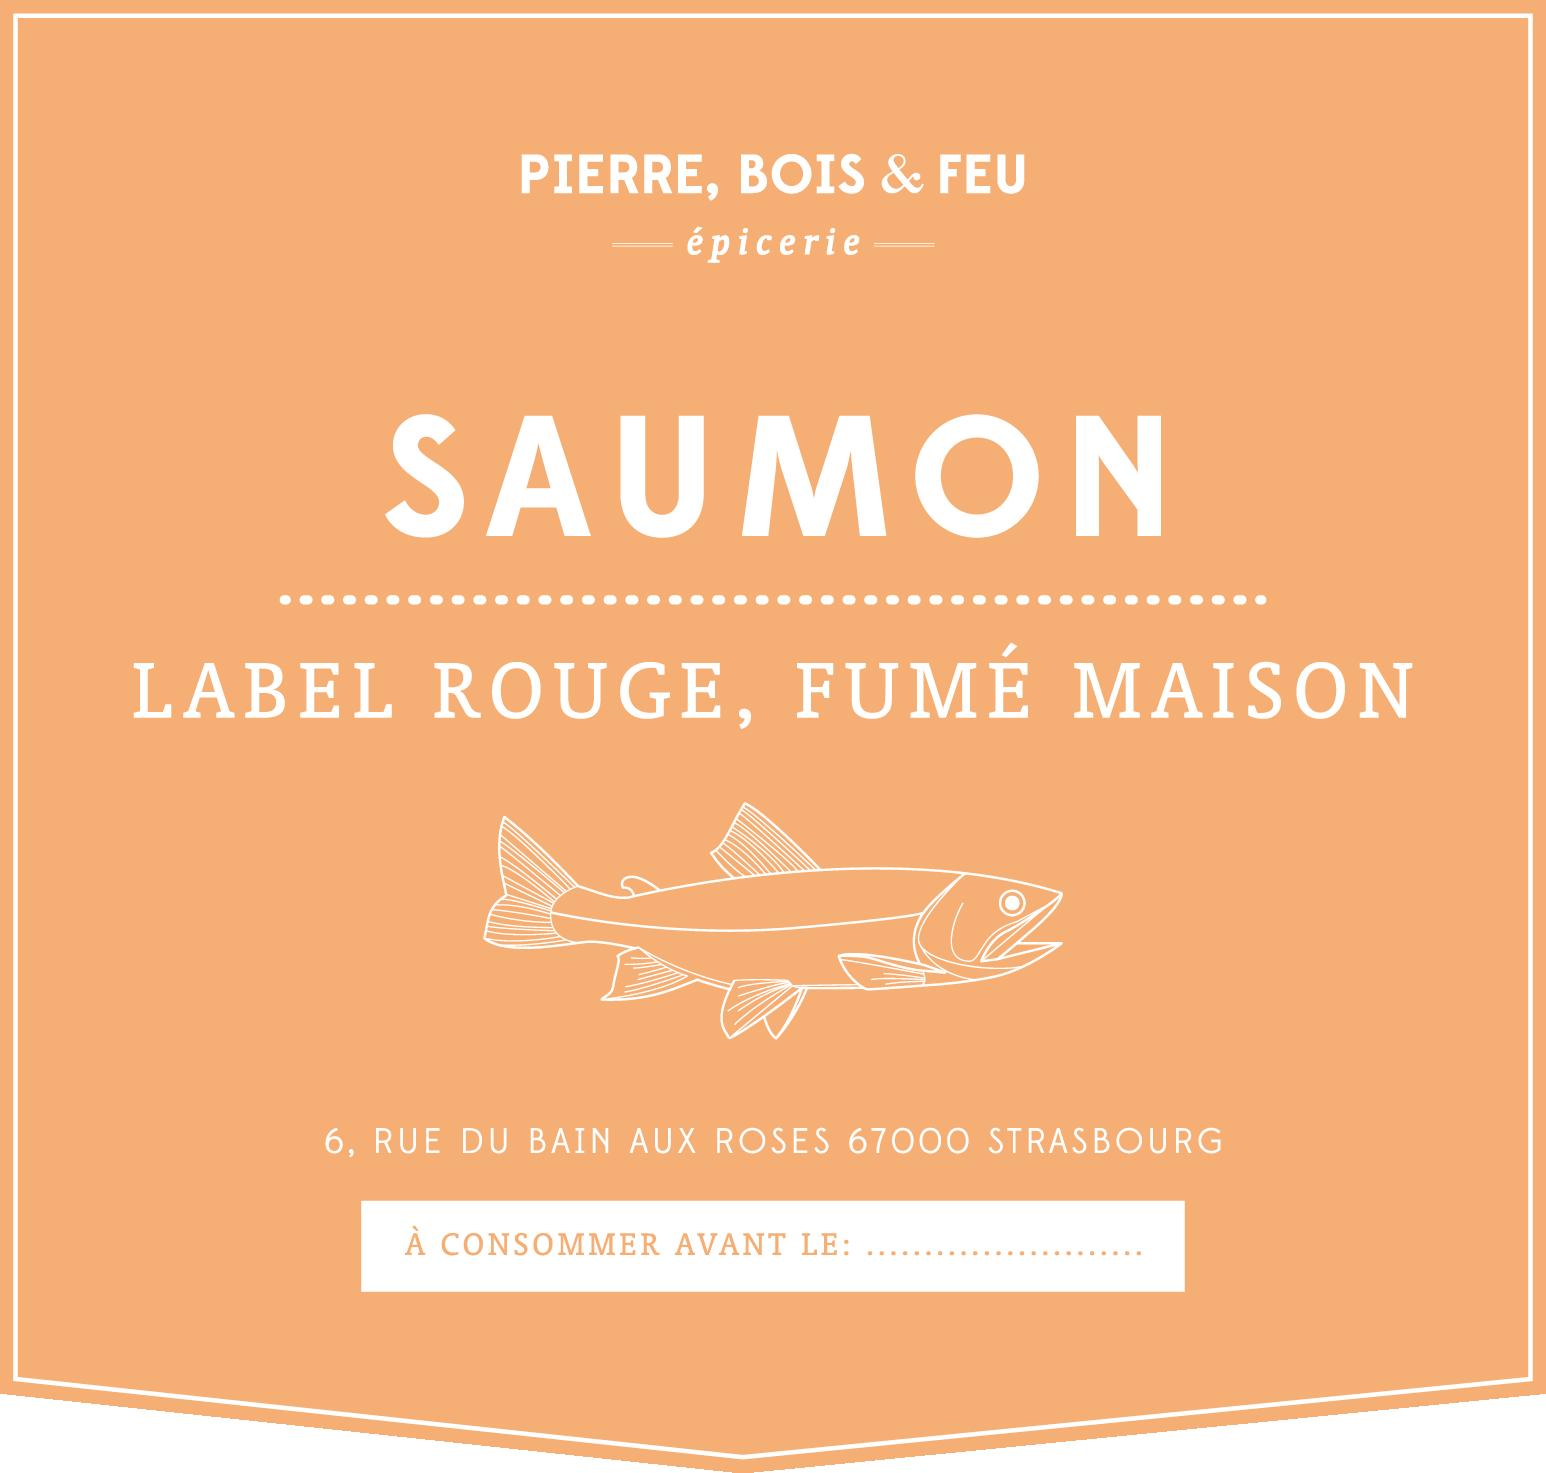 epicerie_saumon-02